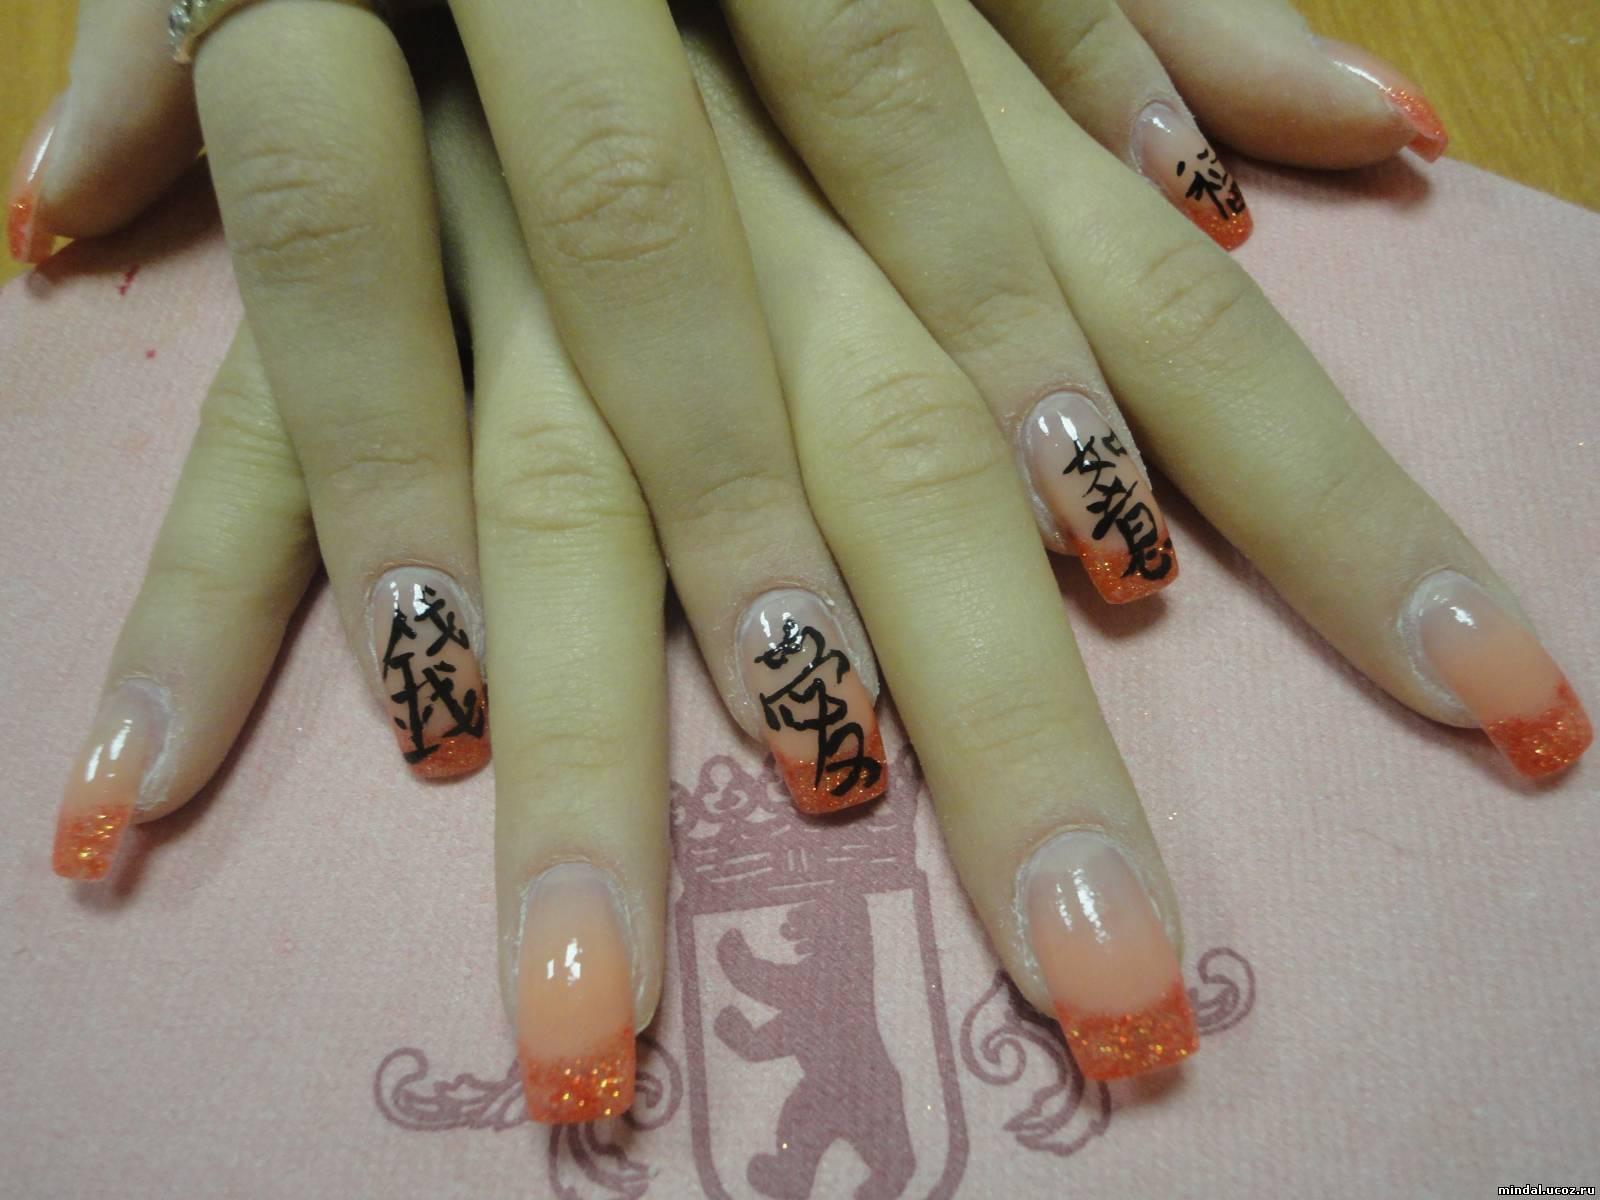 Френч на ногтях фото с и иероглифами